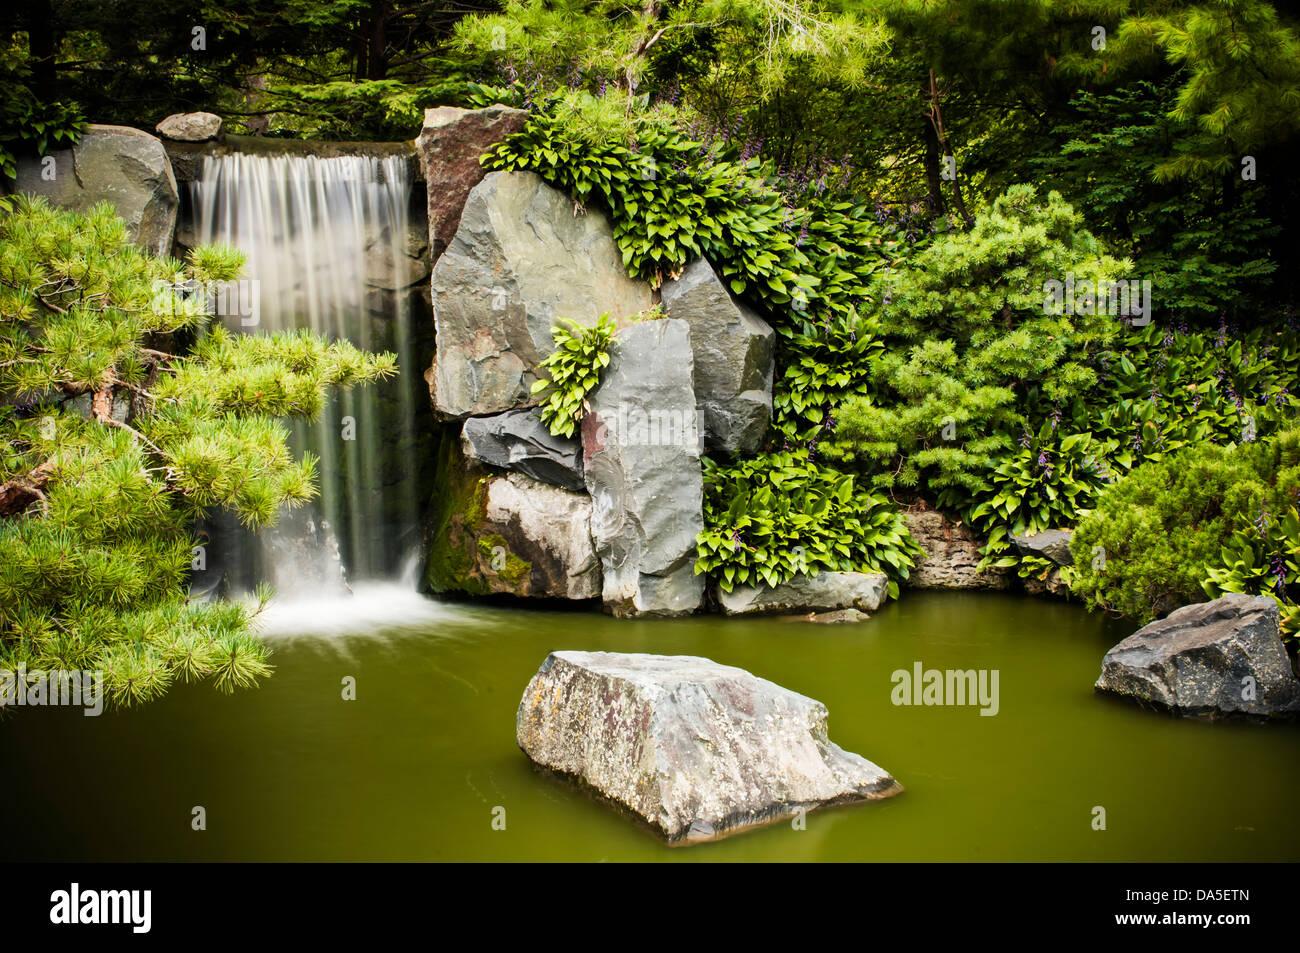 Bassin Japonais Avec Cascade | Bassin Japonais Avec Cascade Jardin ...